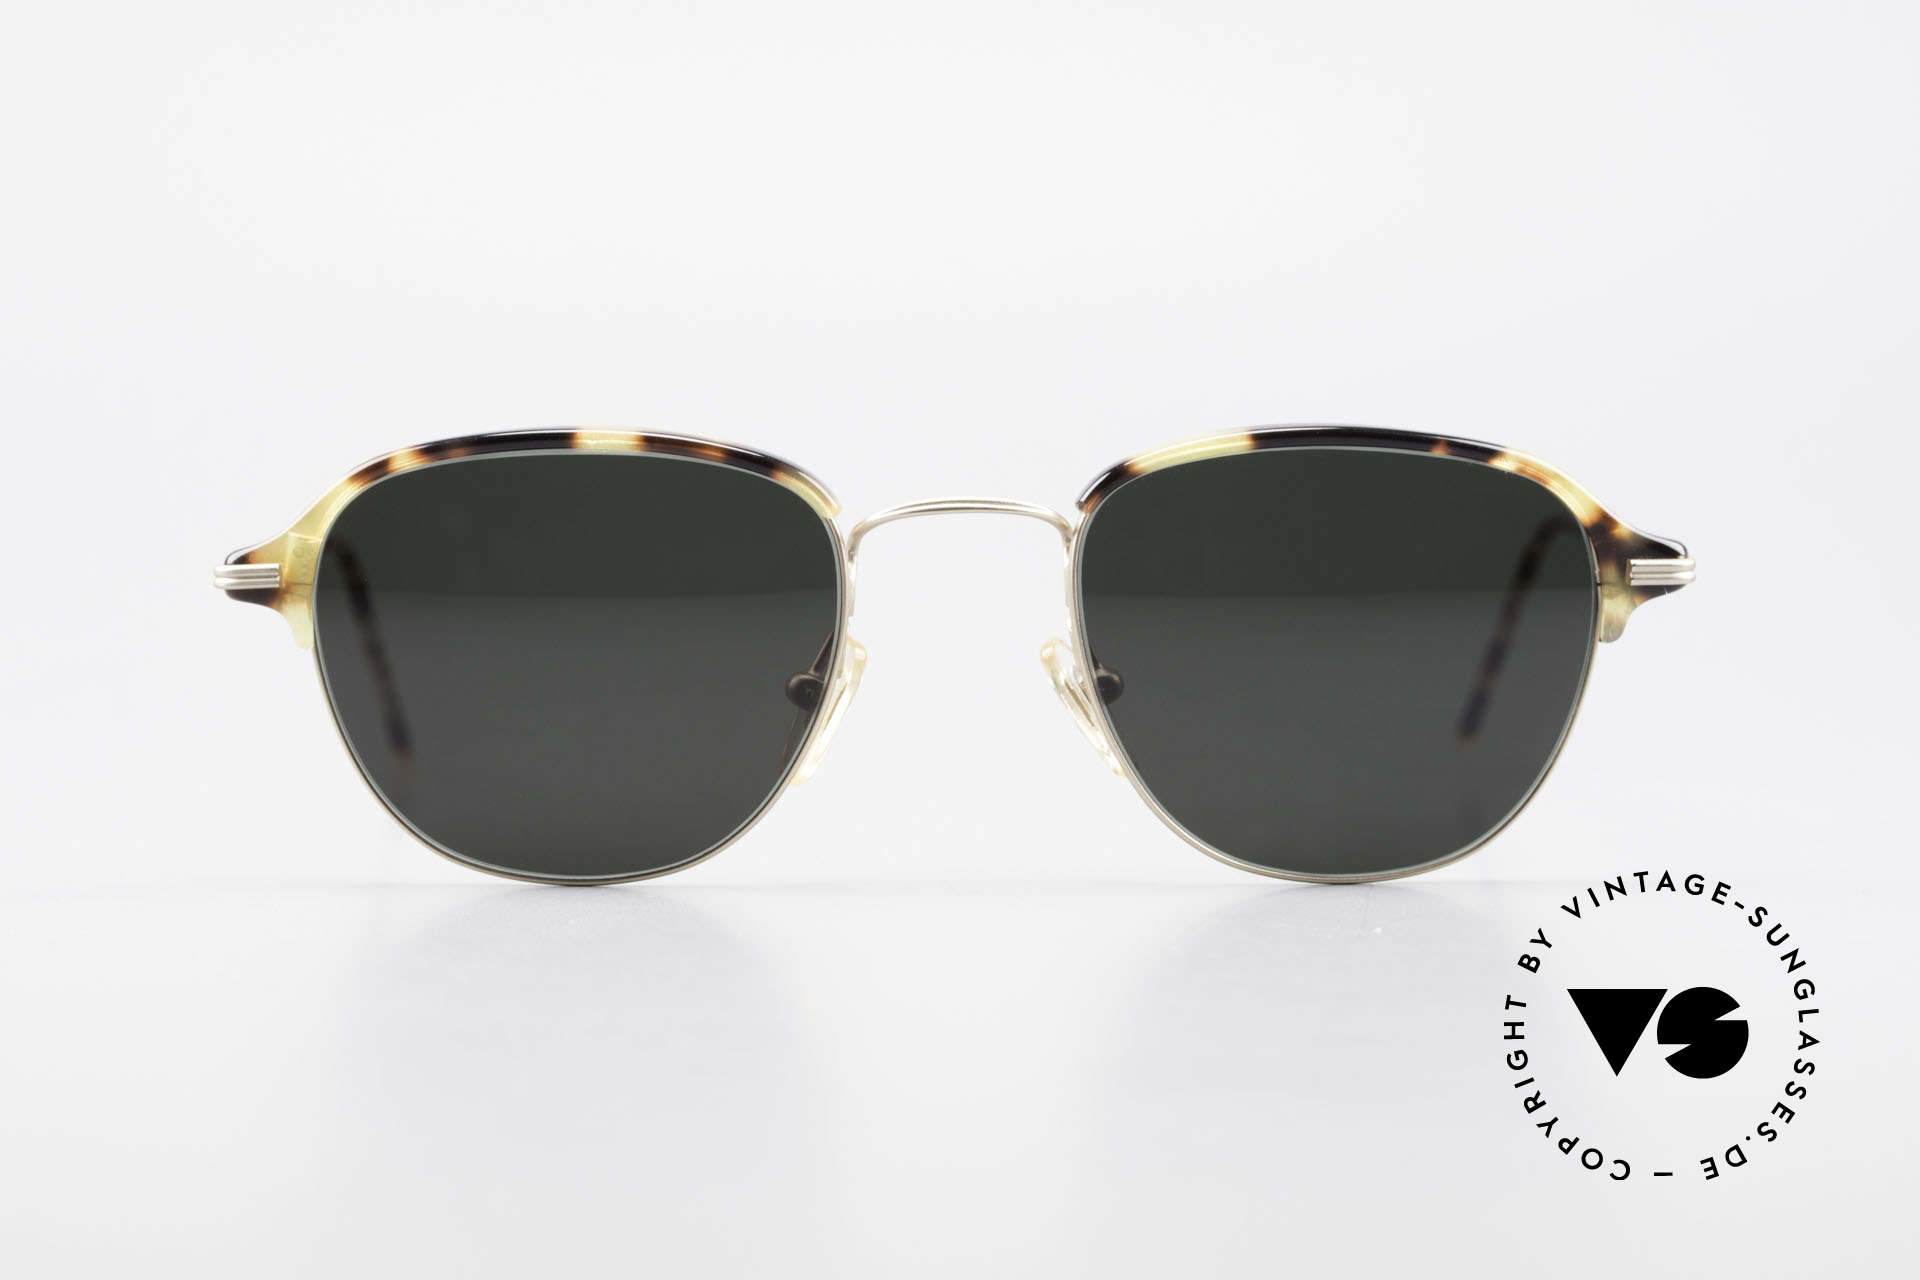 Cutler And Gross 0373 Designer Panto Sonnenbrille, klassisch, zeitlose Understatement Luxus-Sonnenbrille, Passend für Herren und Damen